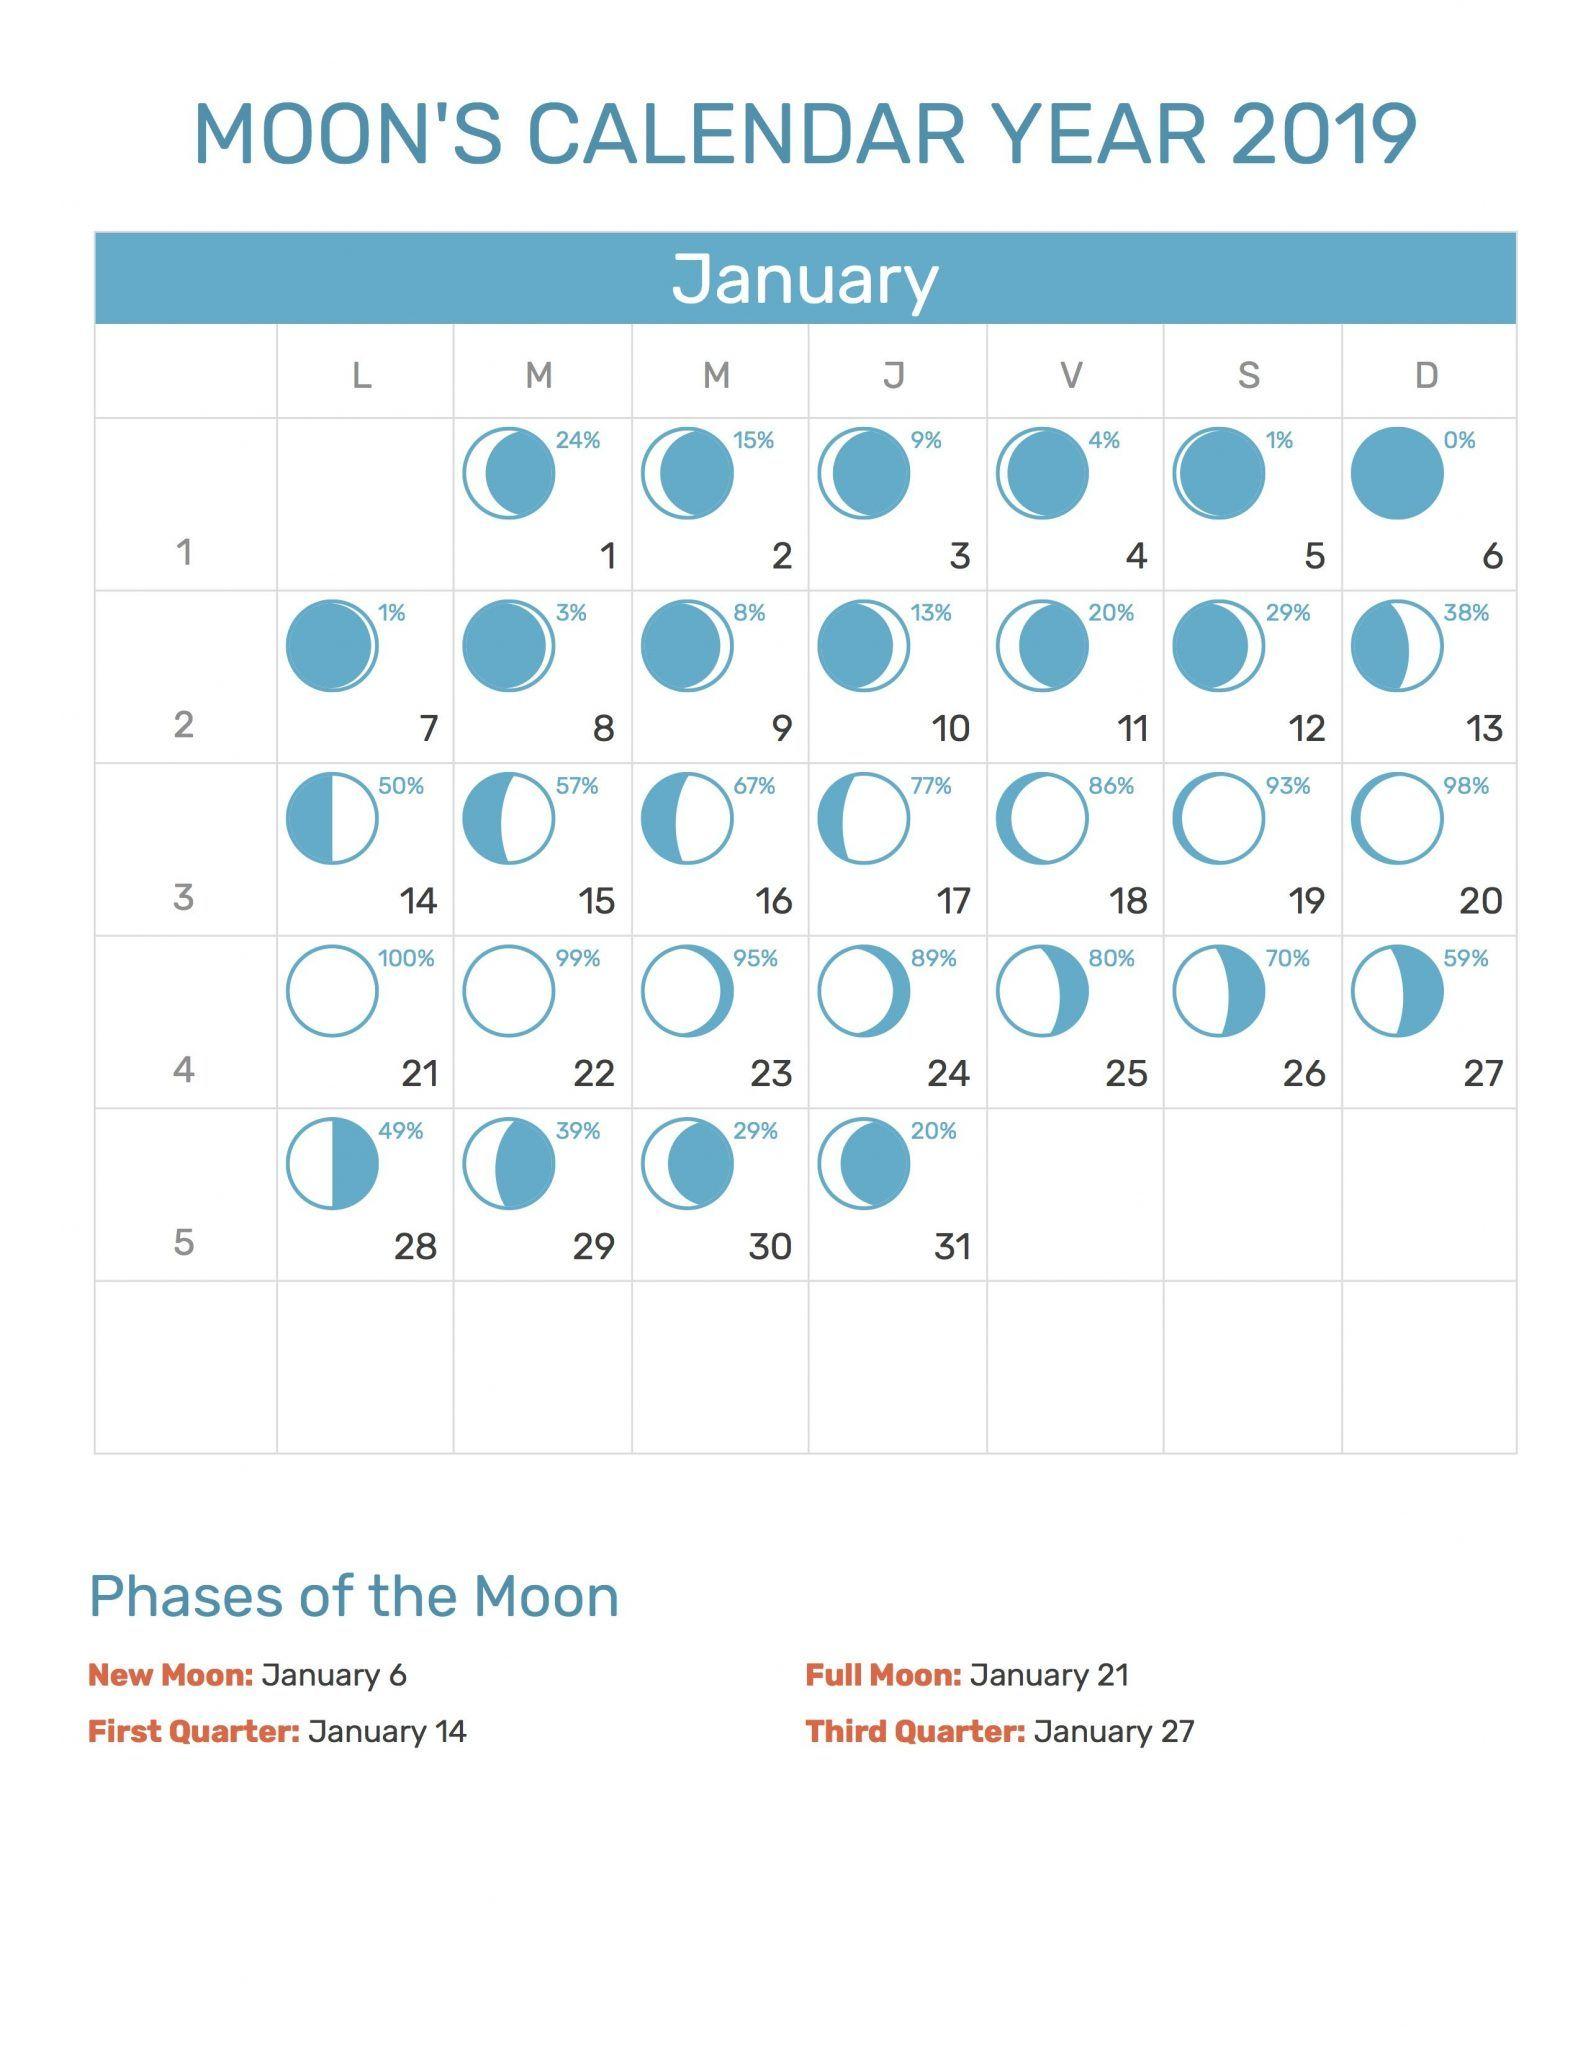 Moon Calendar 2019 January January 2019 Calendar Moon Phases | 20+ January 2019 Calendar PDF